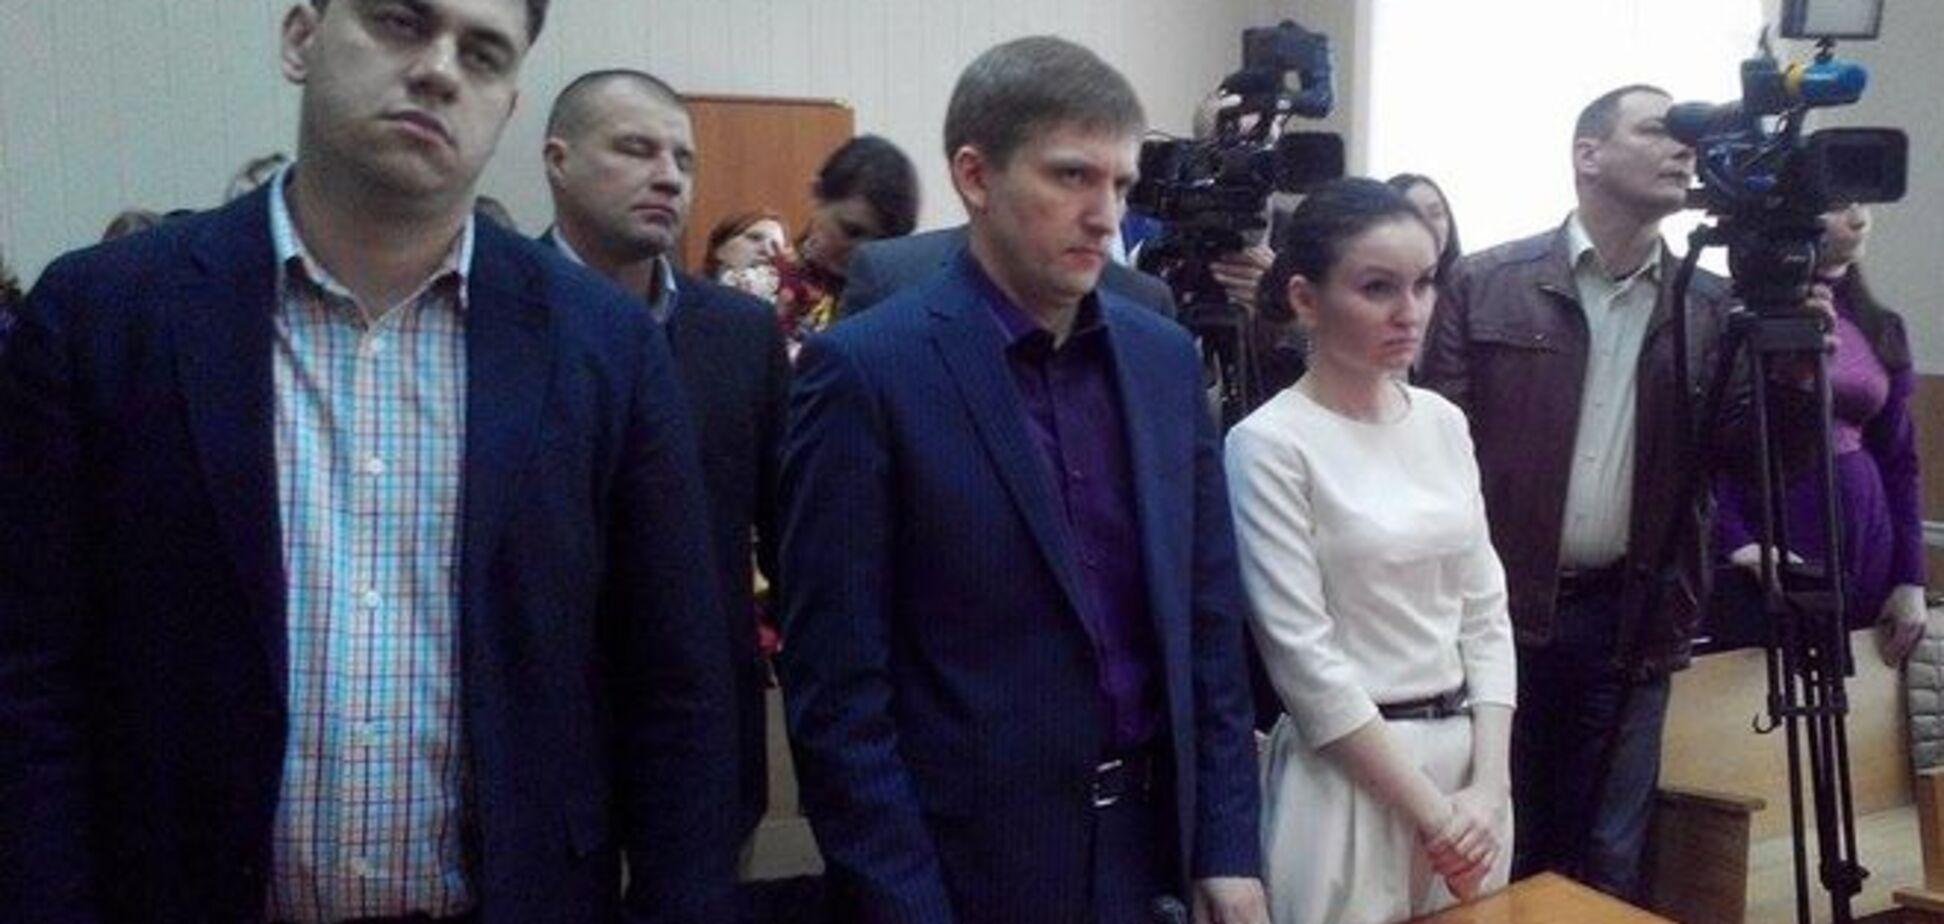 Винницкий суд отпустил судью Царевич под личные обязательства